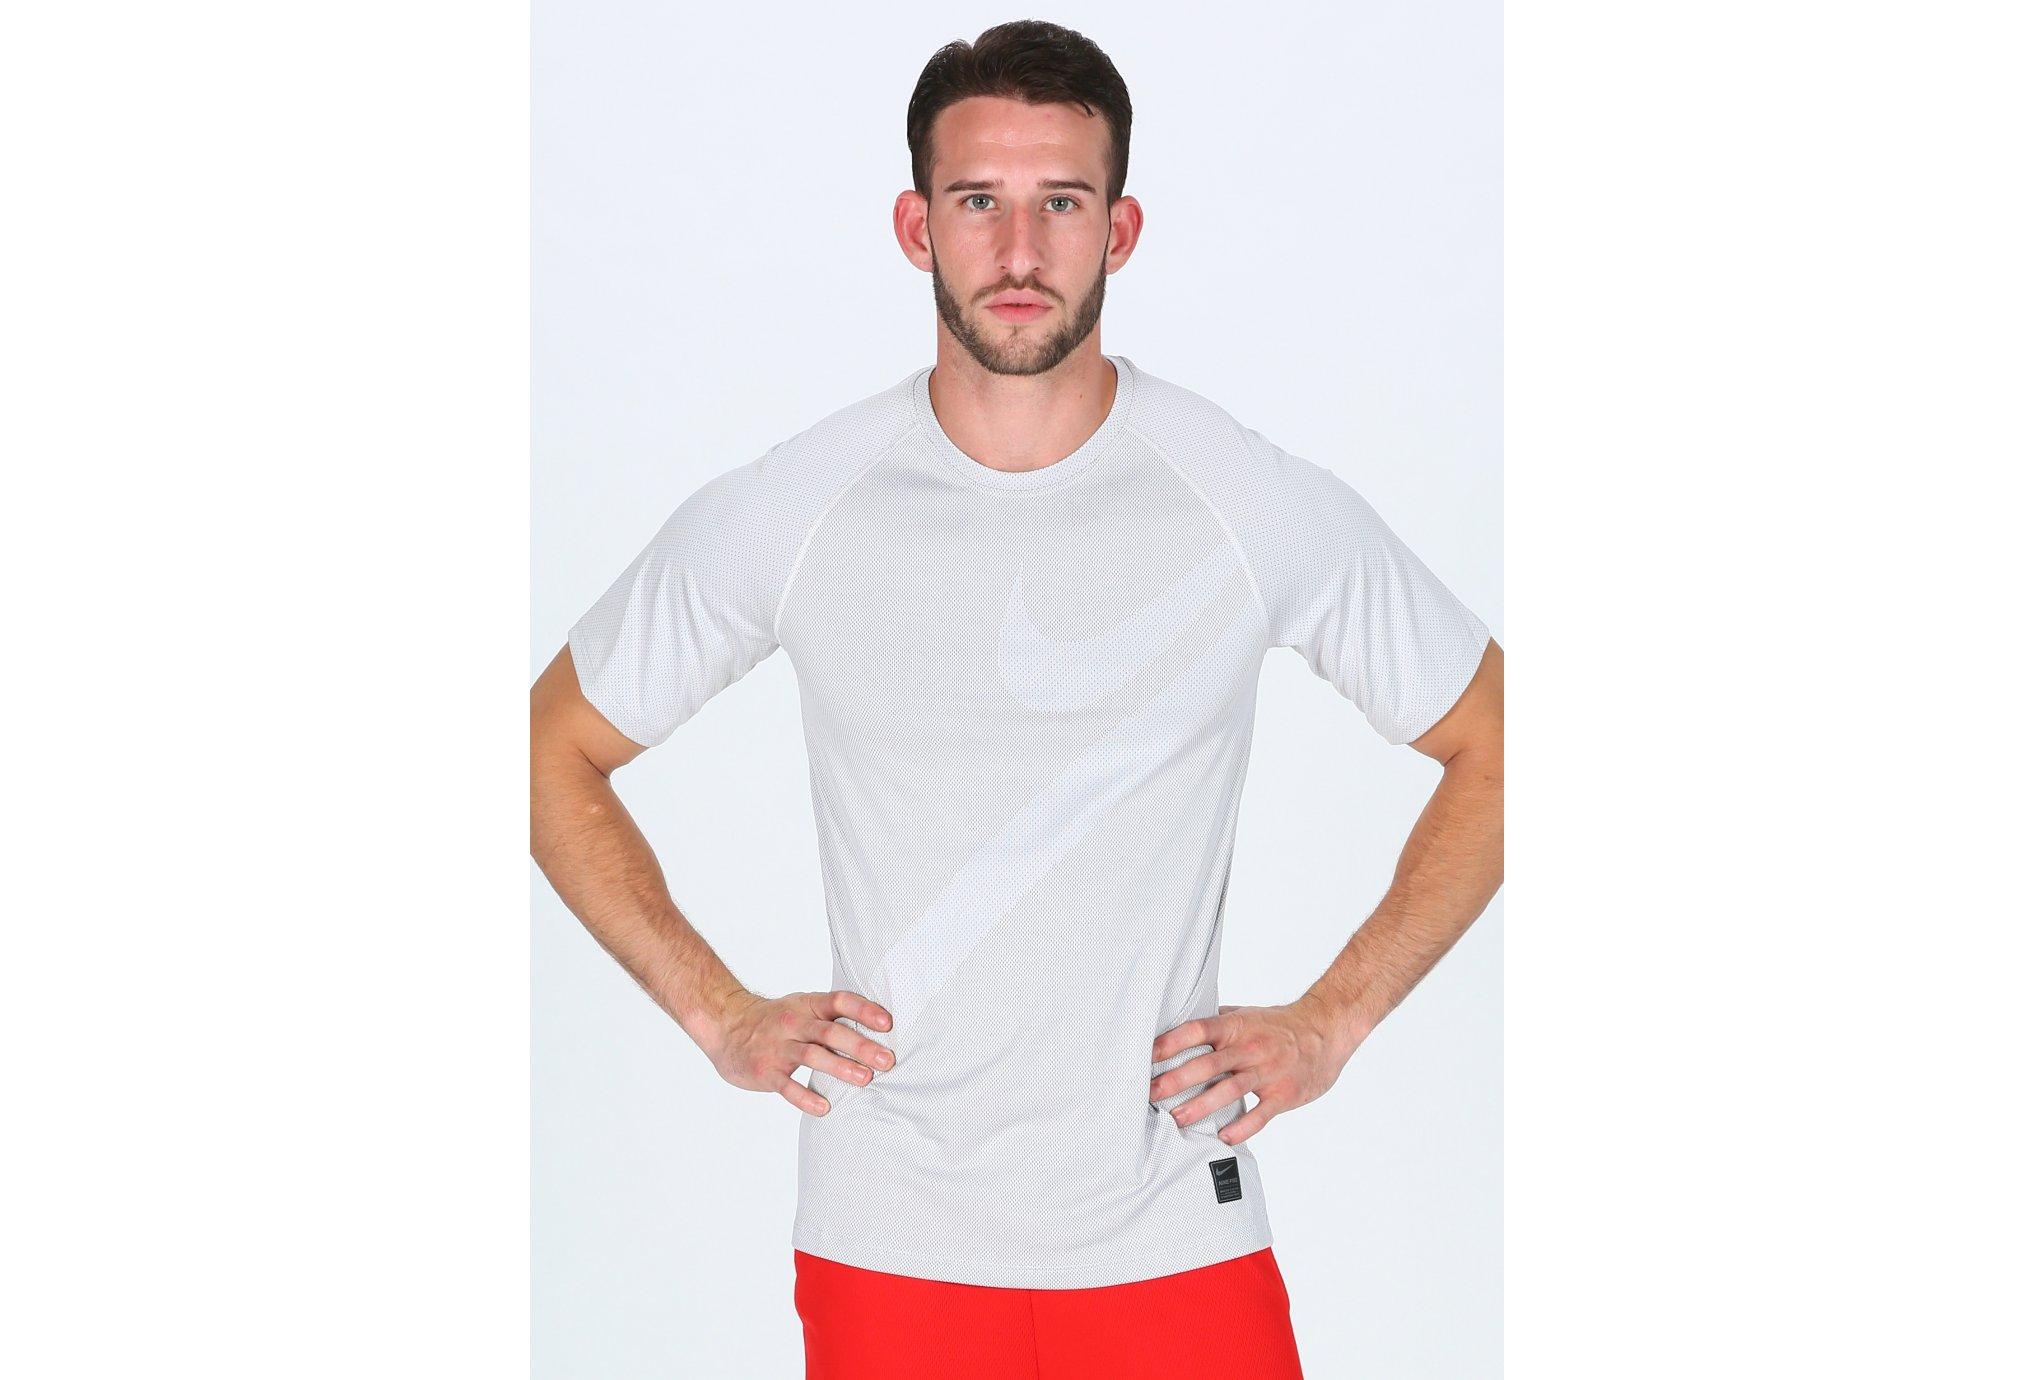 Nike HBR 2 M Diététique Vêtements homme